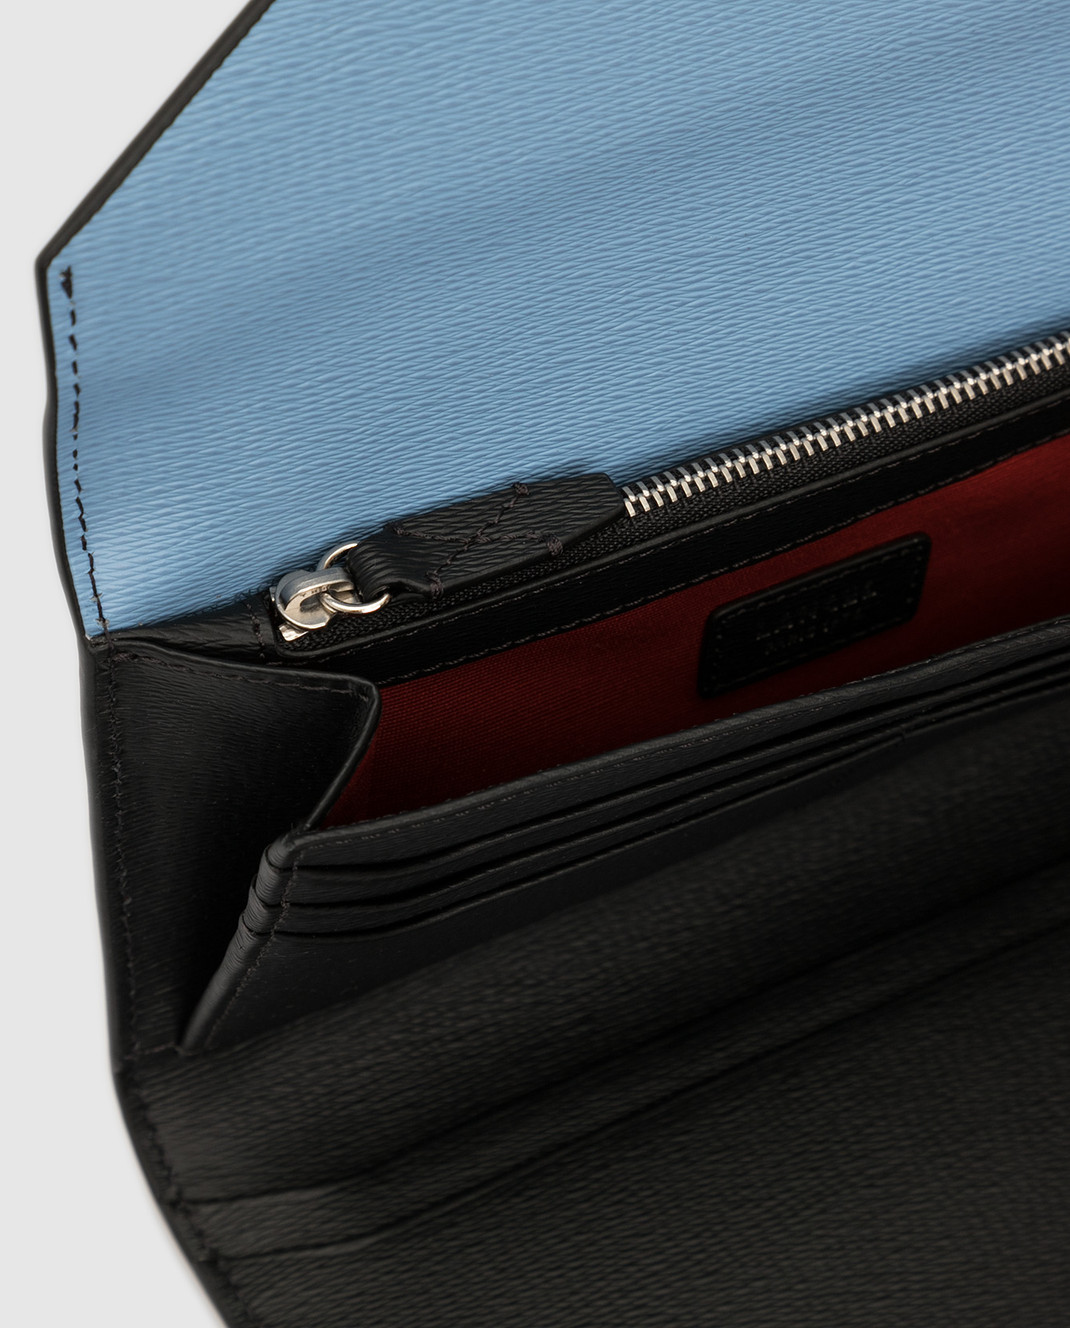 Lancel Голубой кожаный кошелек A07676 изображение 3